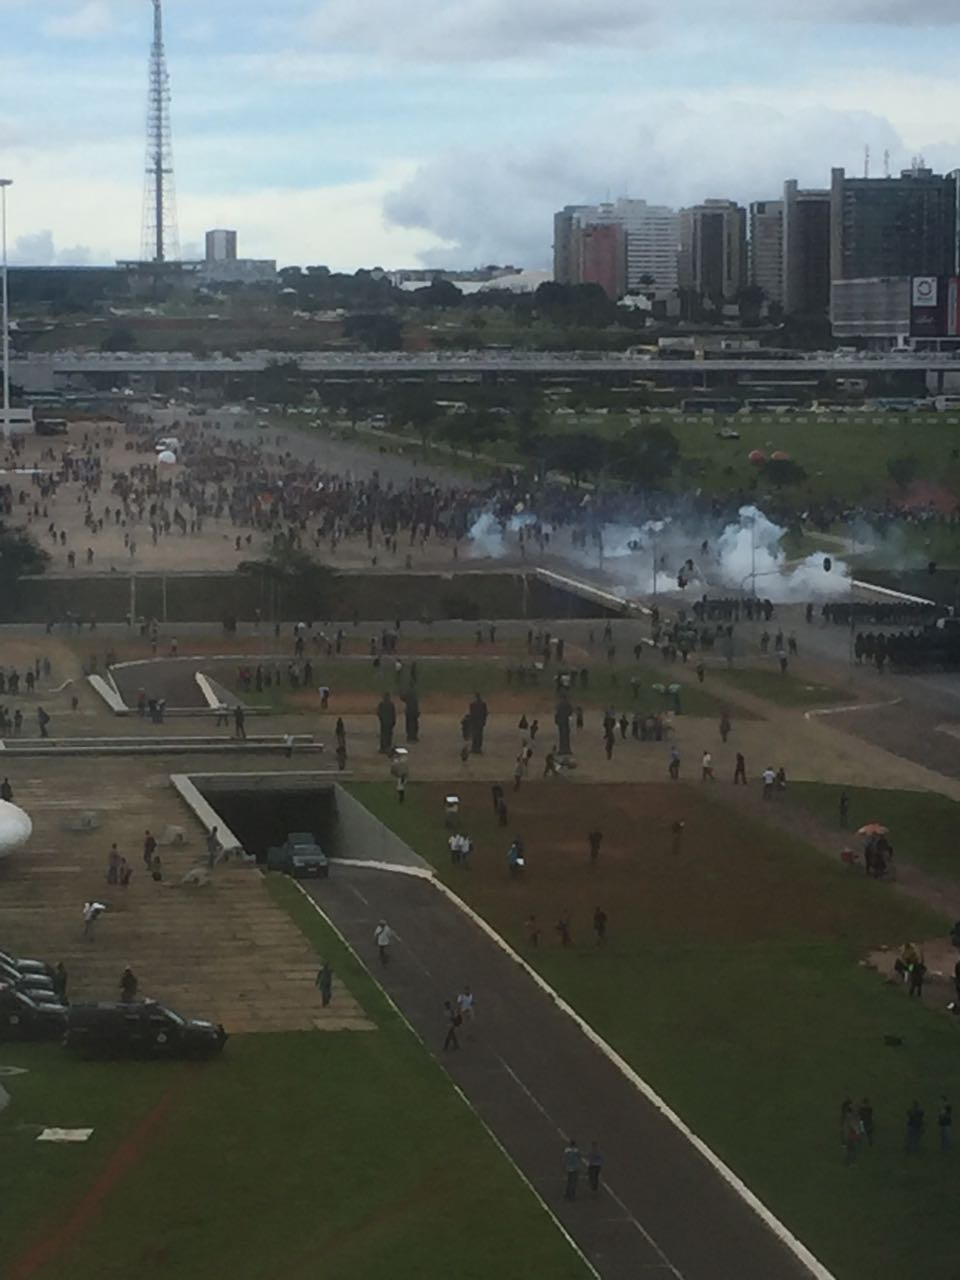 http://www.conversaafiada.com.br/brasil/comeca-a-guerra-civil-em-brasilia/